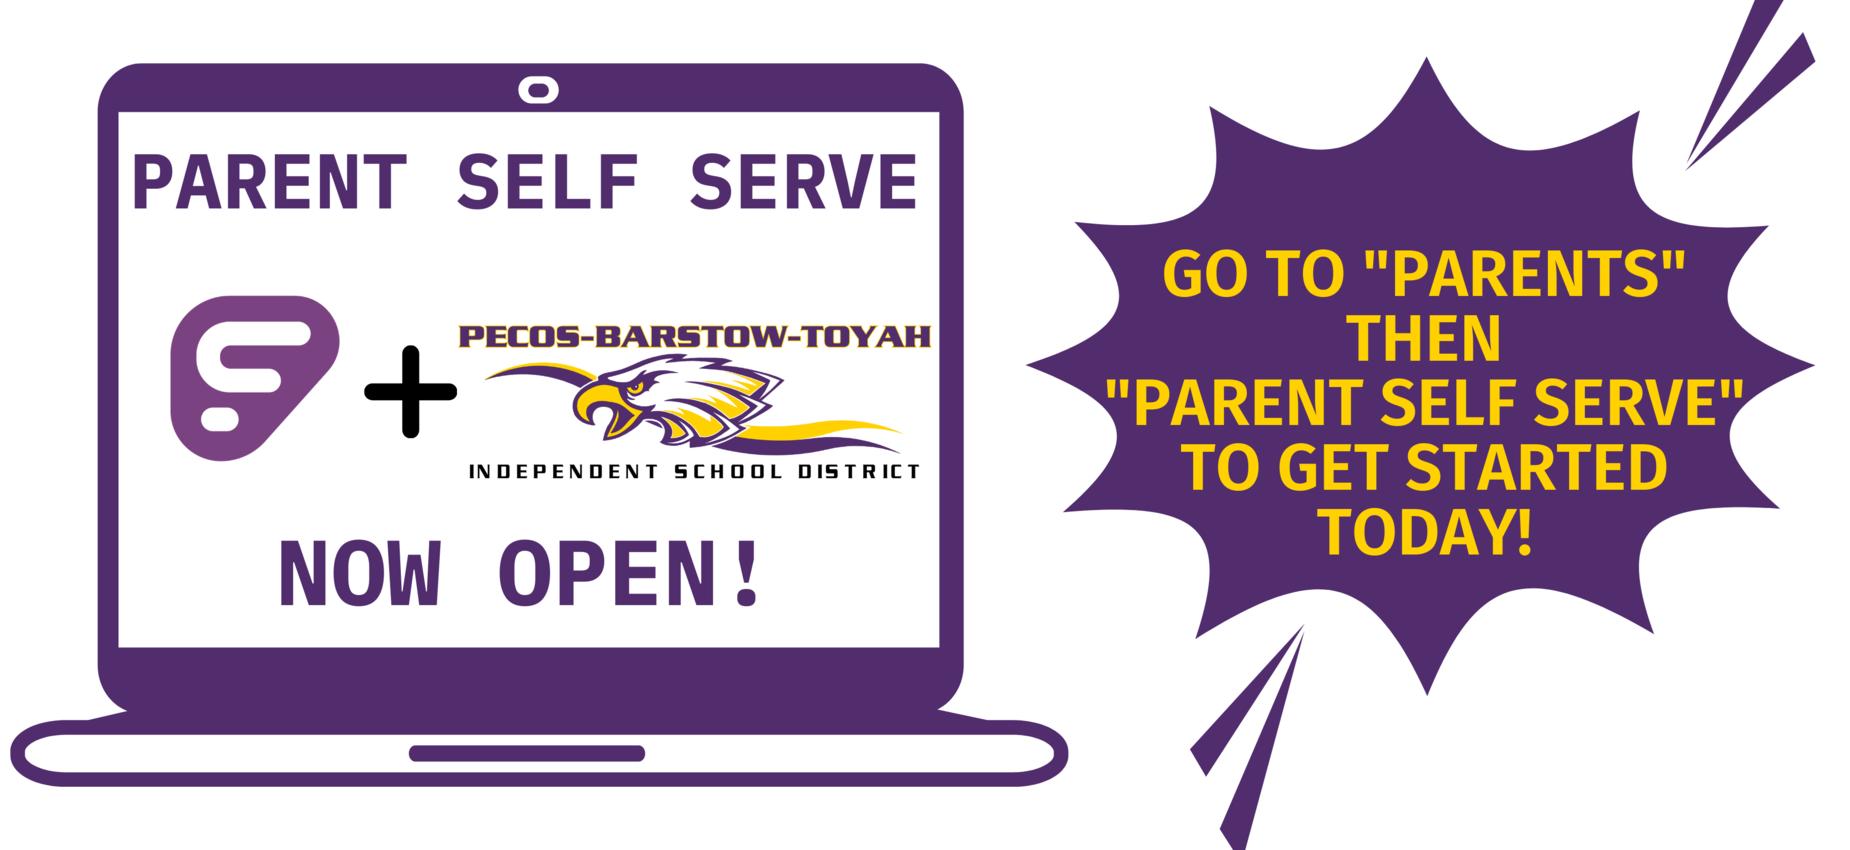 Parent Self Serve